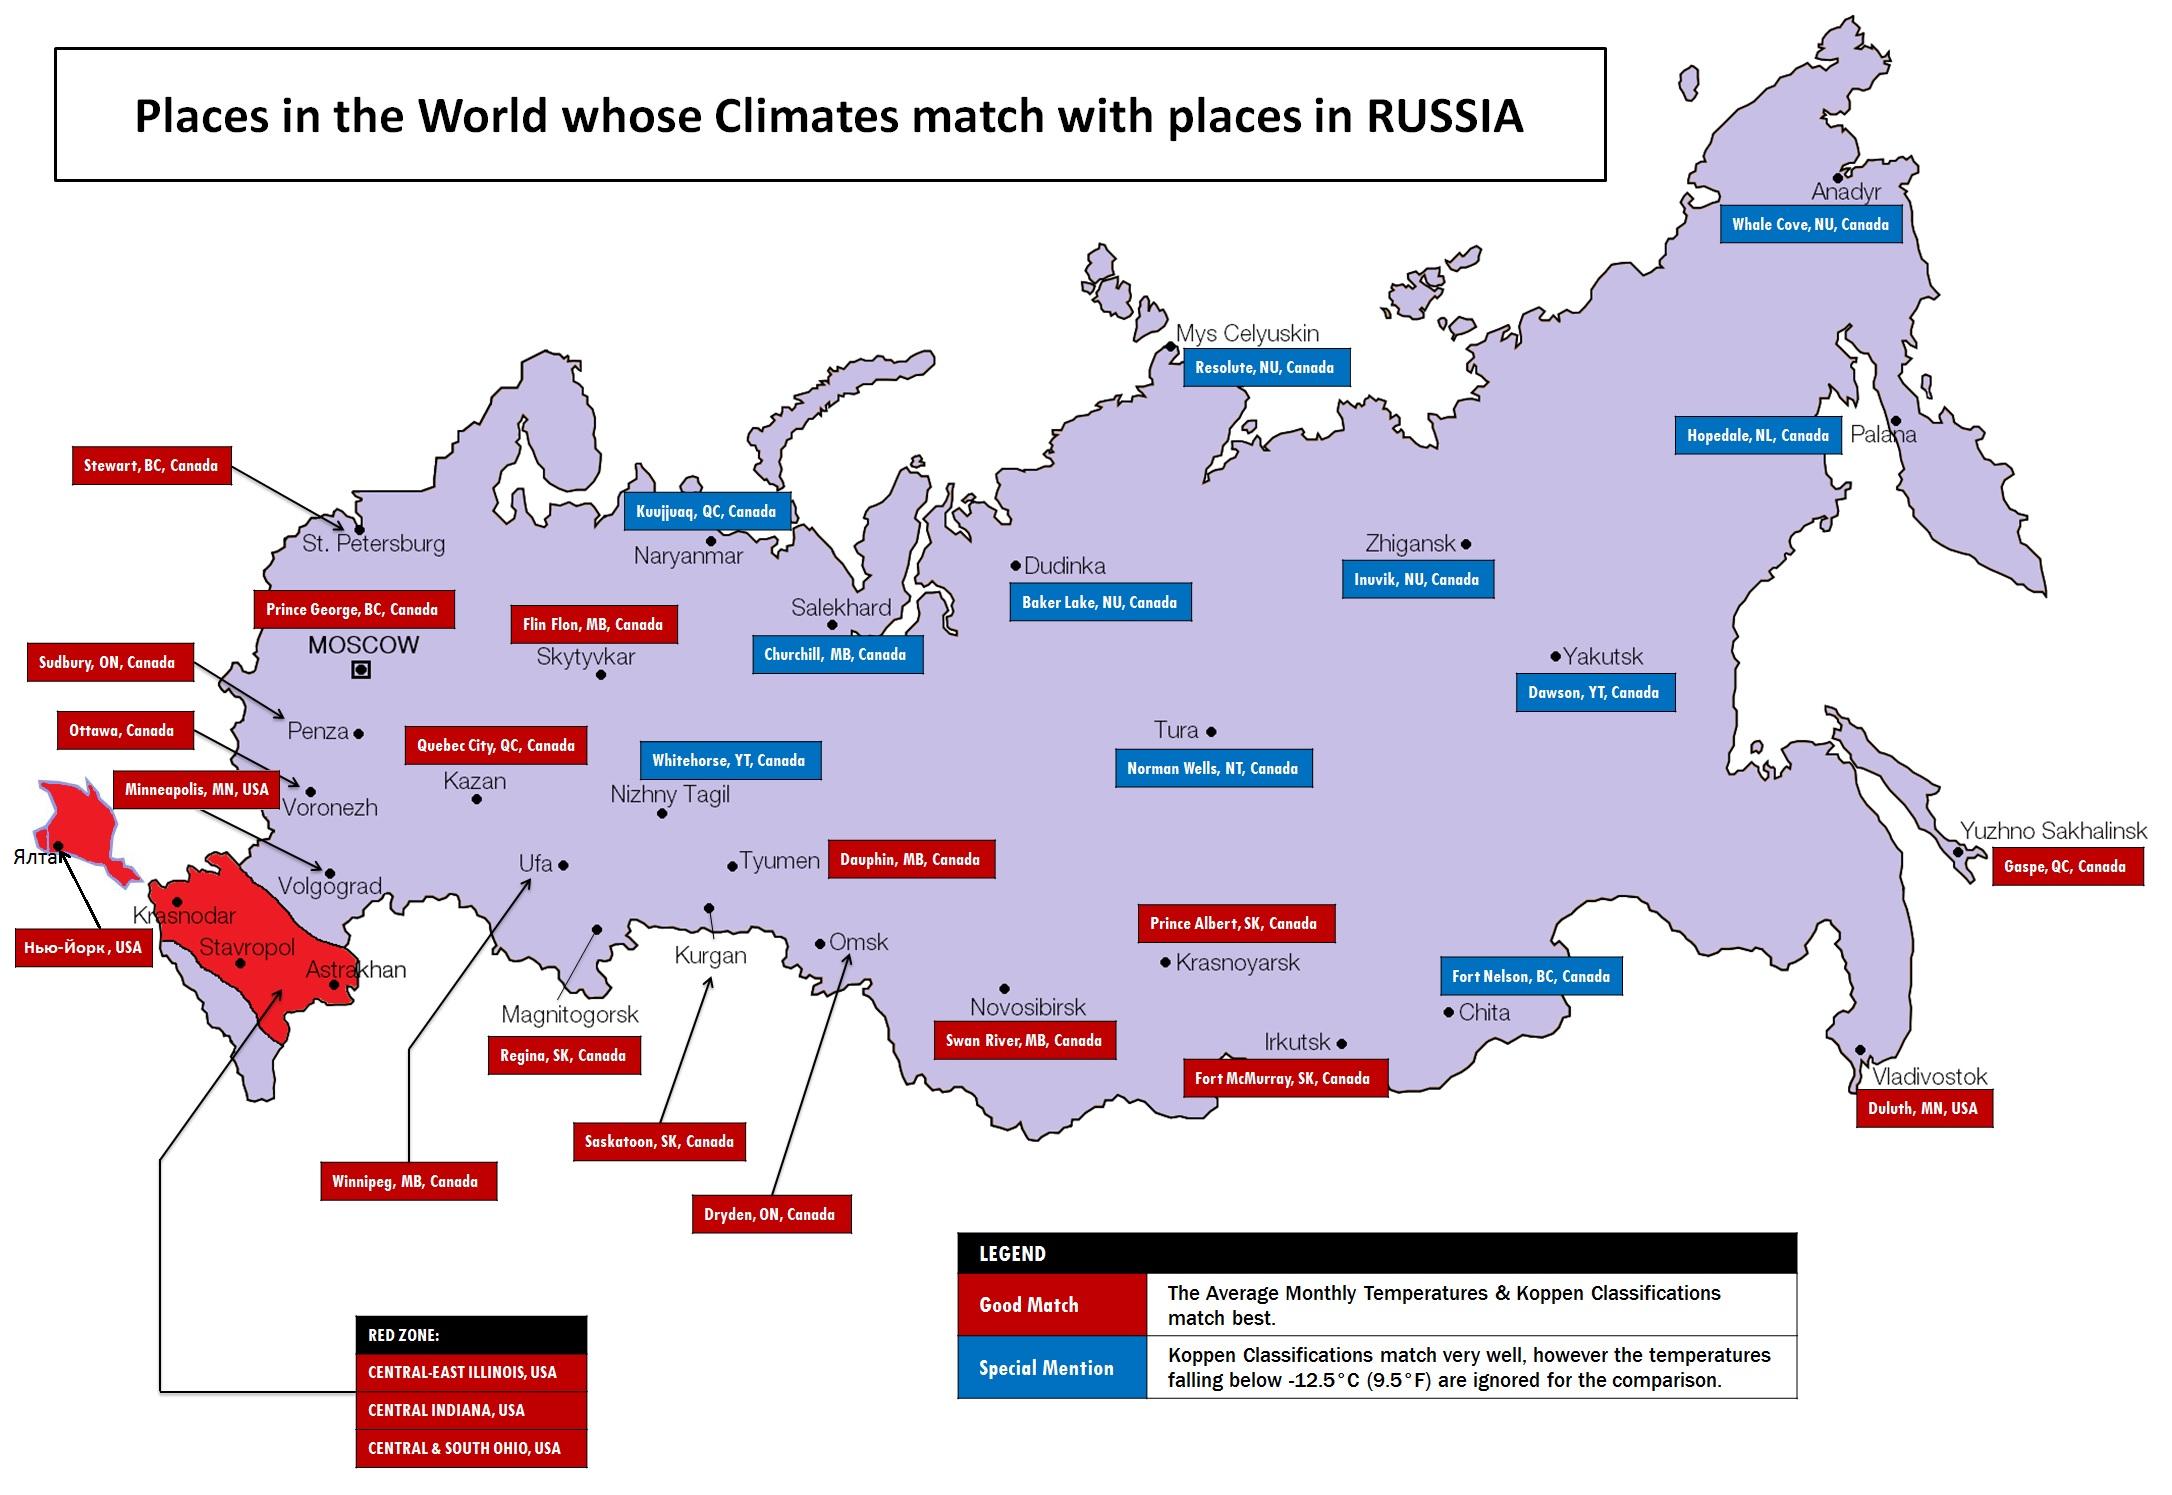 География смоленщины 8 класс тема климат направление ветра карта